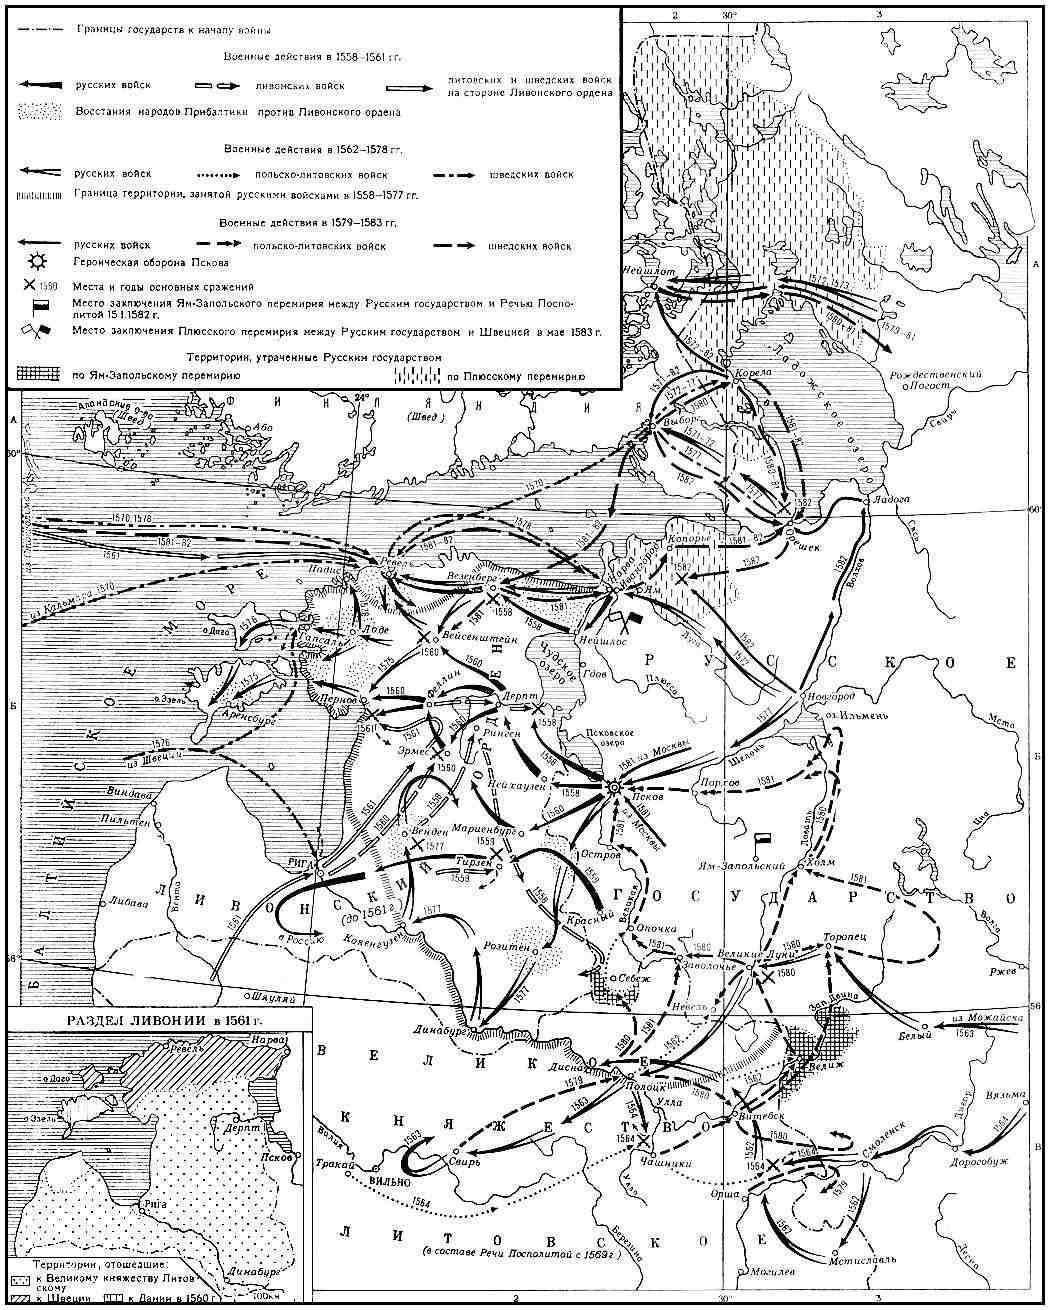 Ливонская.  Ливонским орденом. война.  1558—83, война России с. а также со Швецией, Польшей и Великим княжеством...